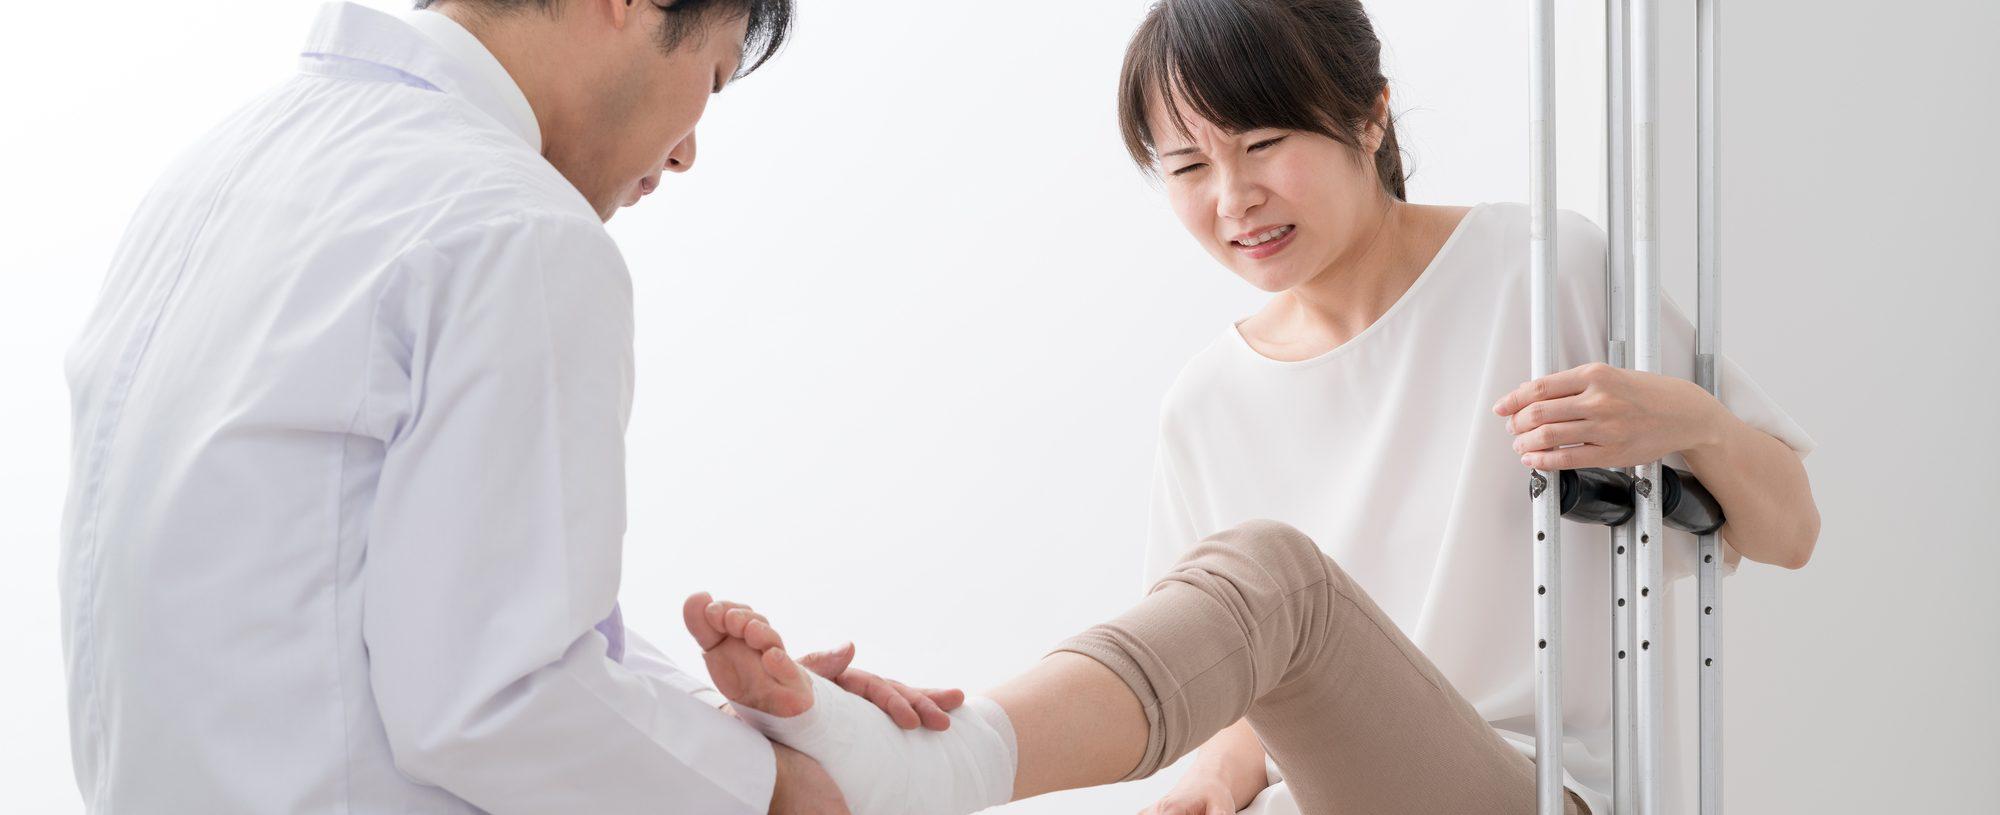 ケガの治療 川崎市多摩区の稲田堤鍼灸整骨院